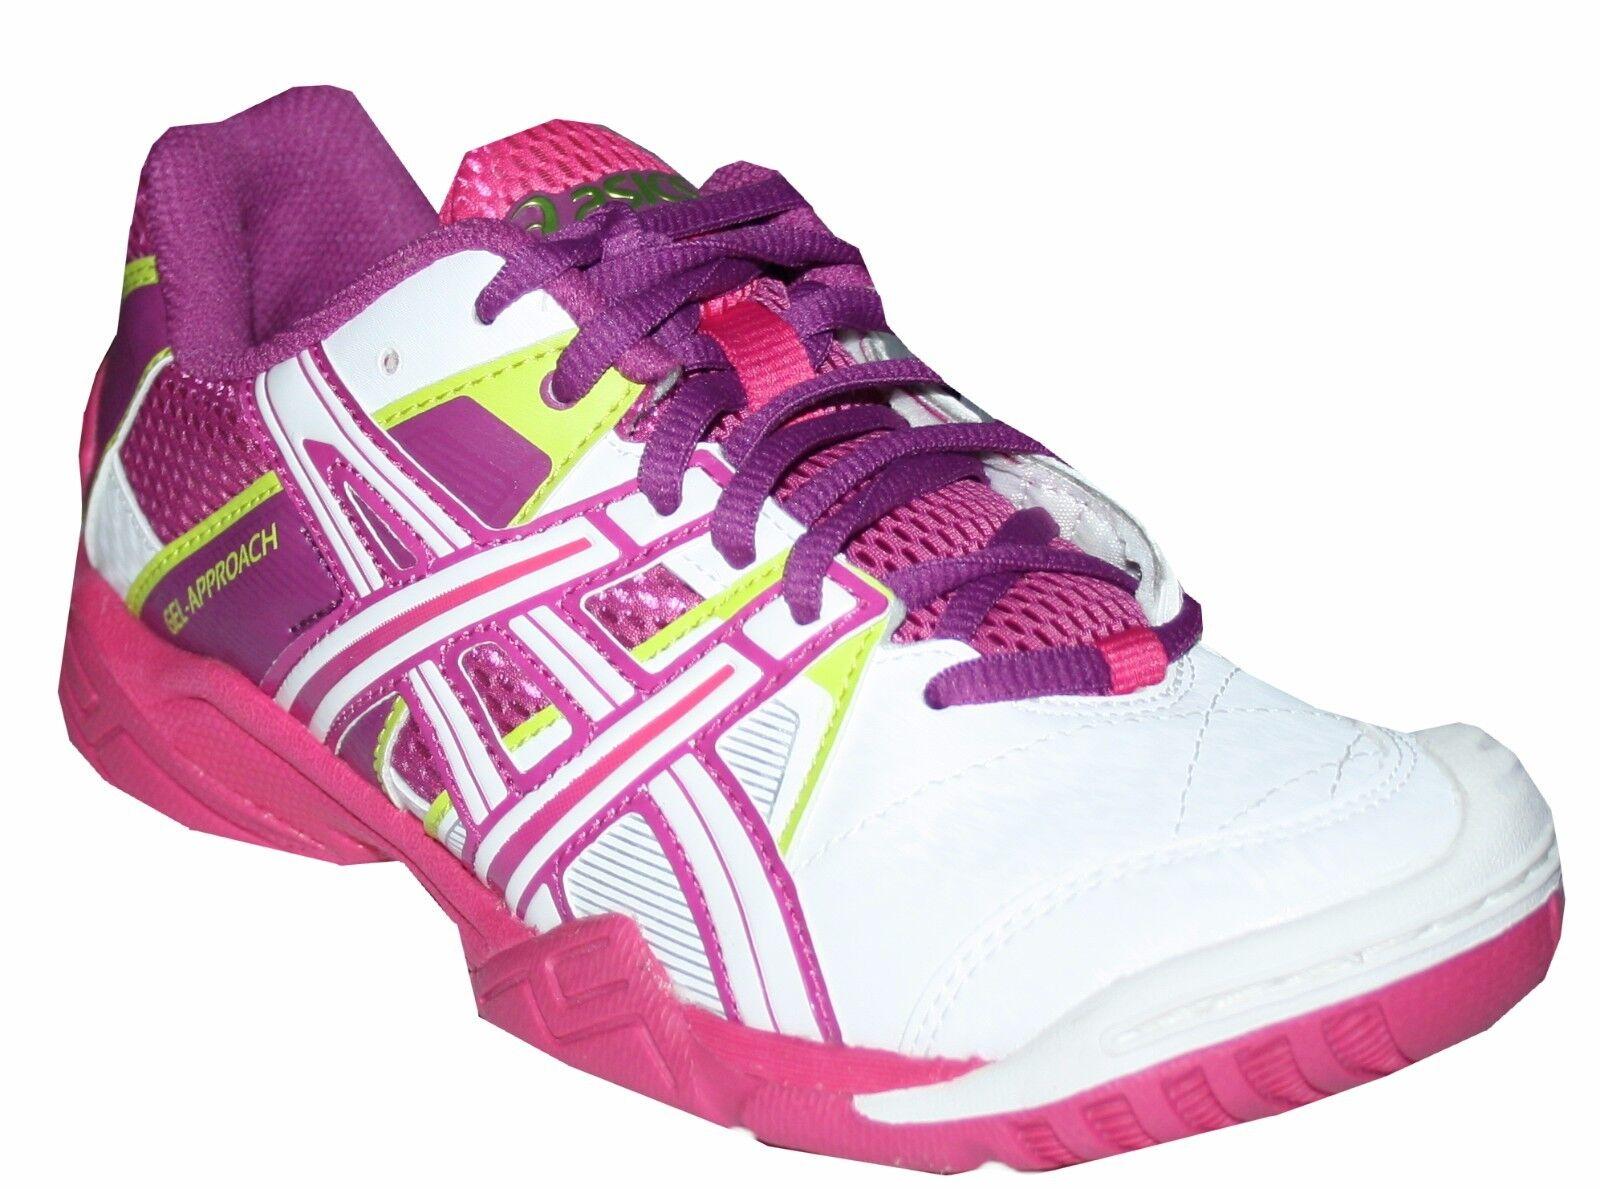 Asics Gel Approach 2 Damen Handball Schuhe Hallenschuhe Sportschuhe weiß/pink